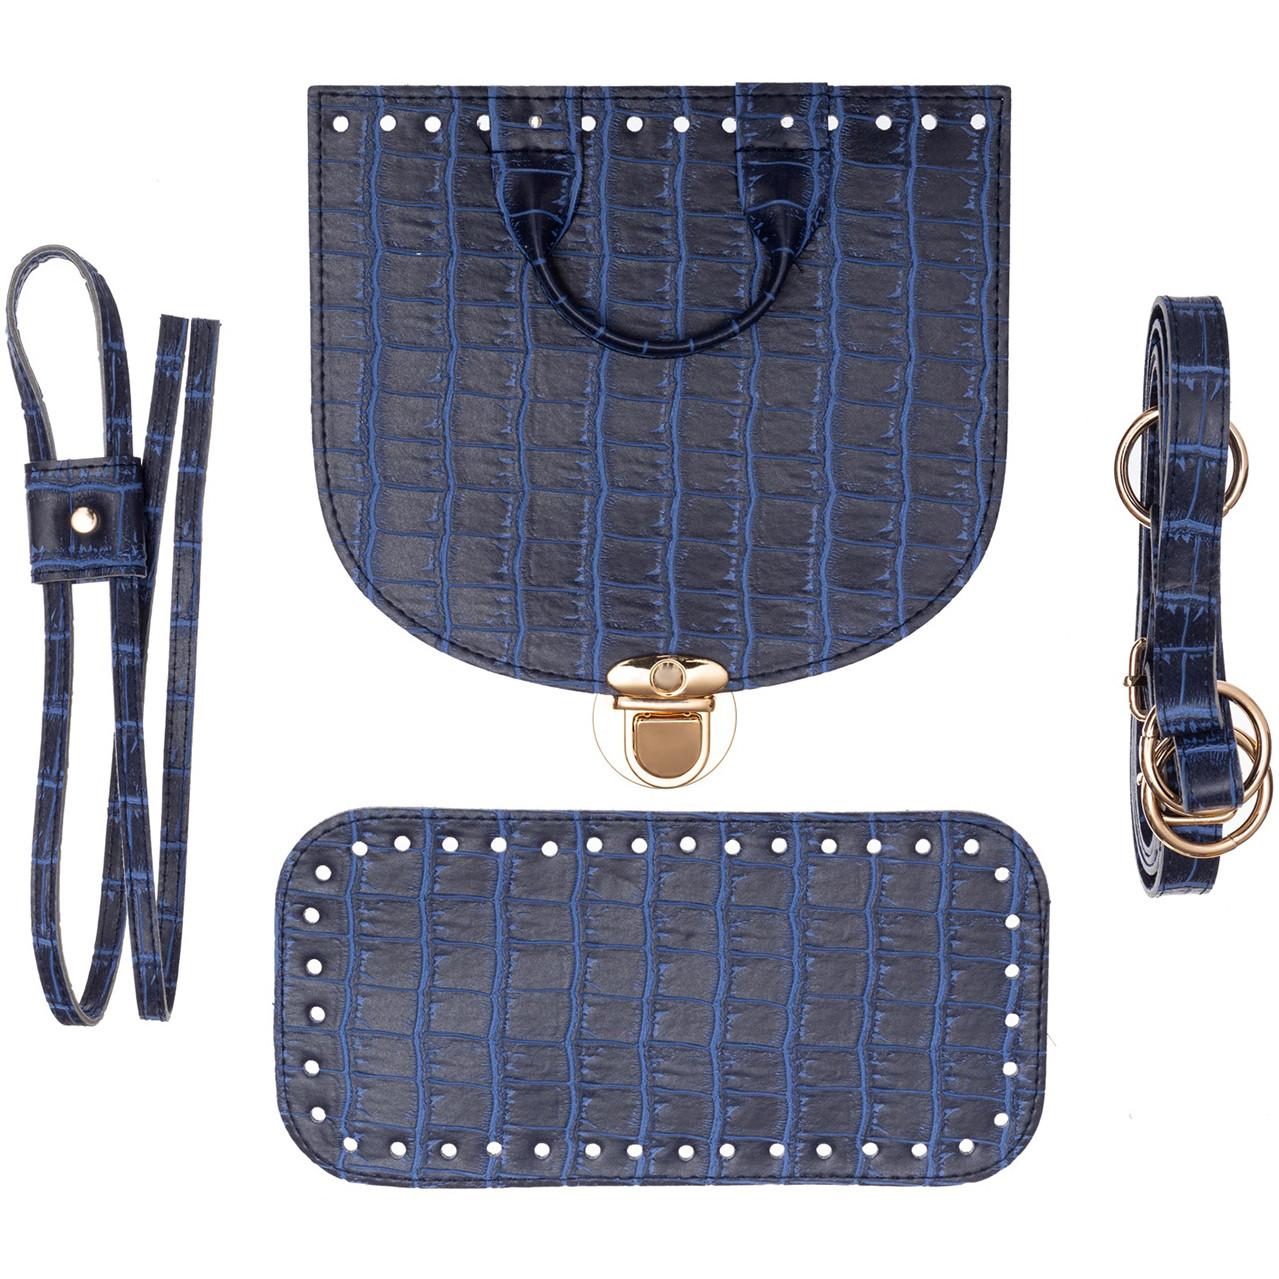 Набор для рюкзака экокожа крокодил Синий (5 позиций) фурнитура золото